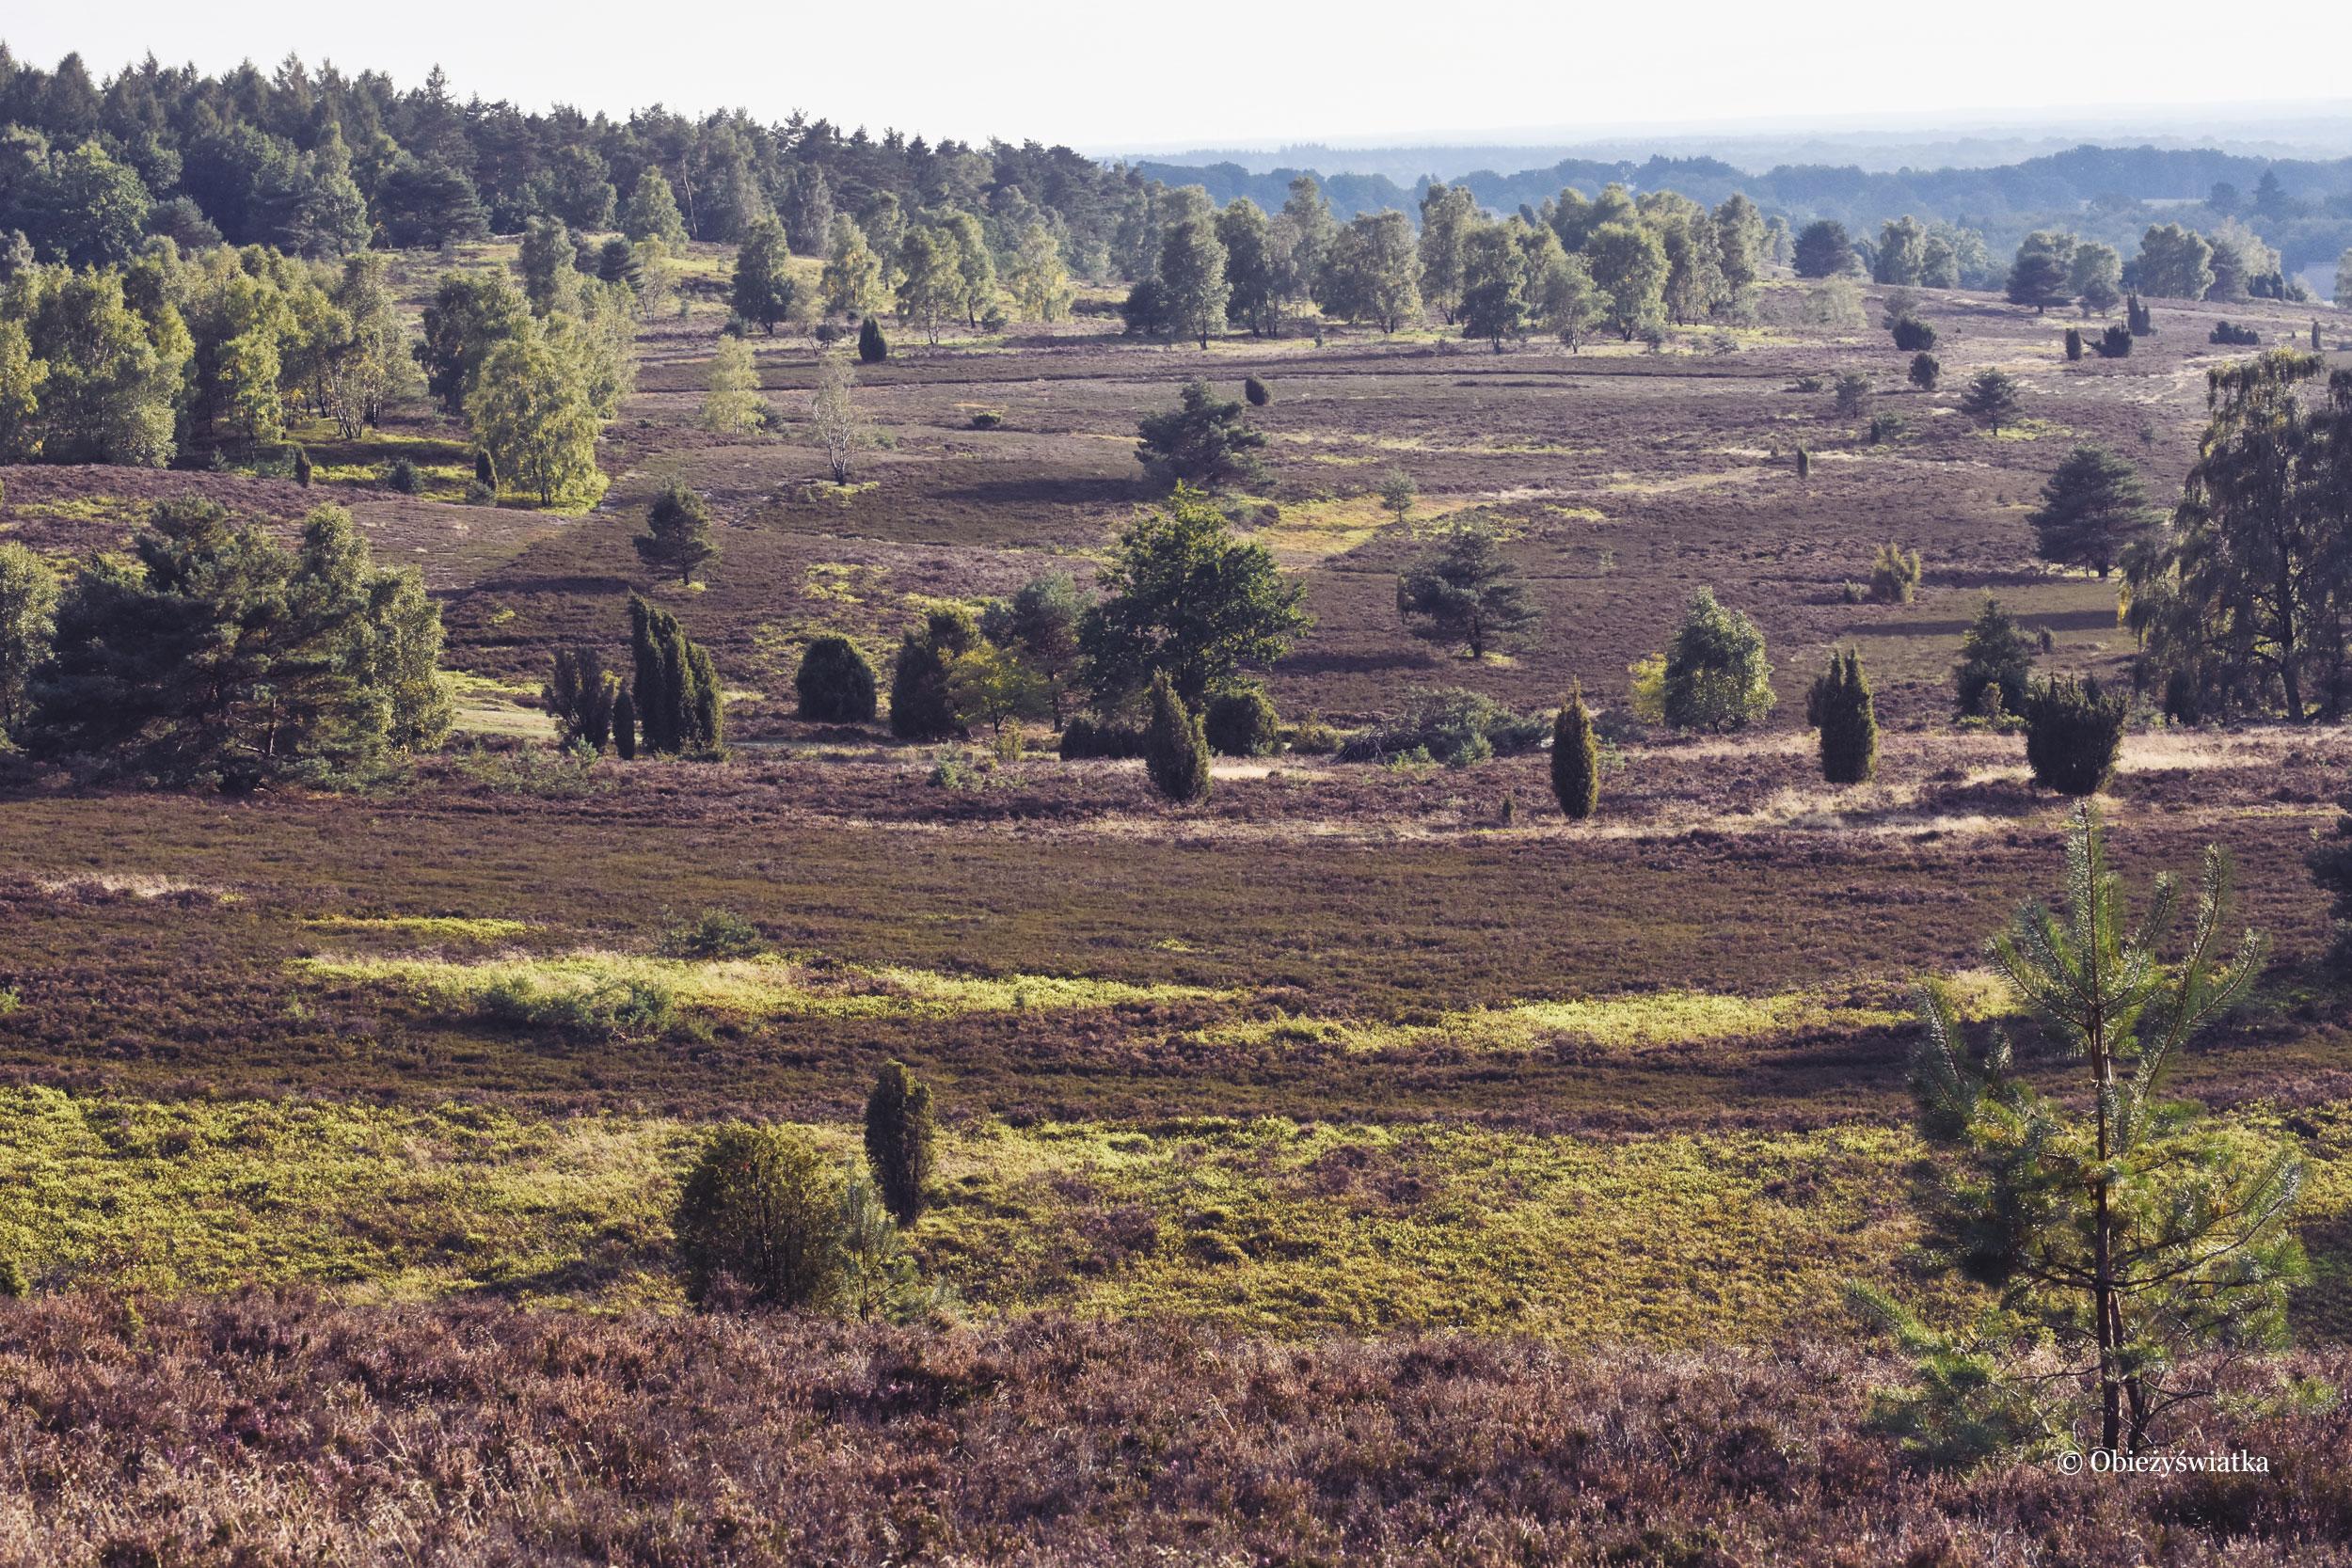 Jesienne wrzosowiska, Lüneburger Heide, Niemcy